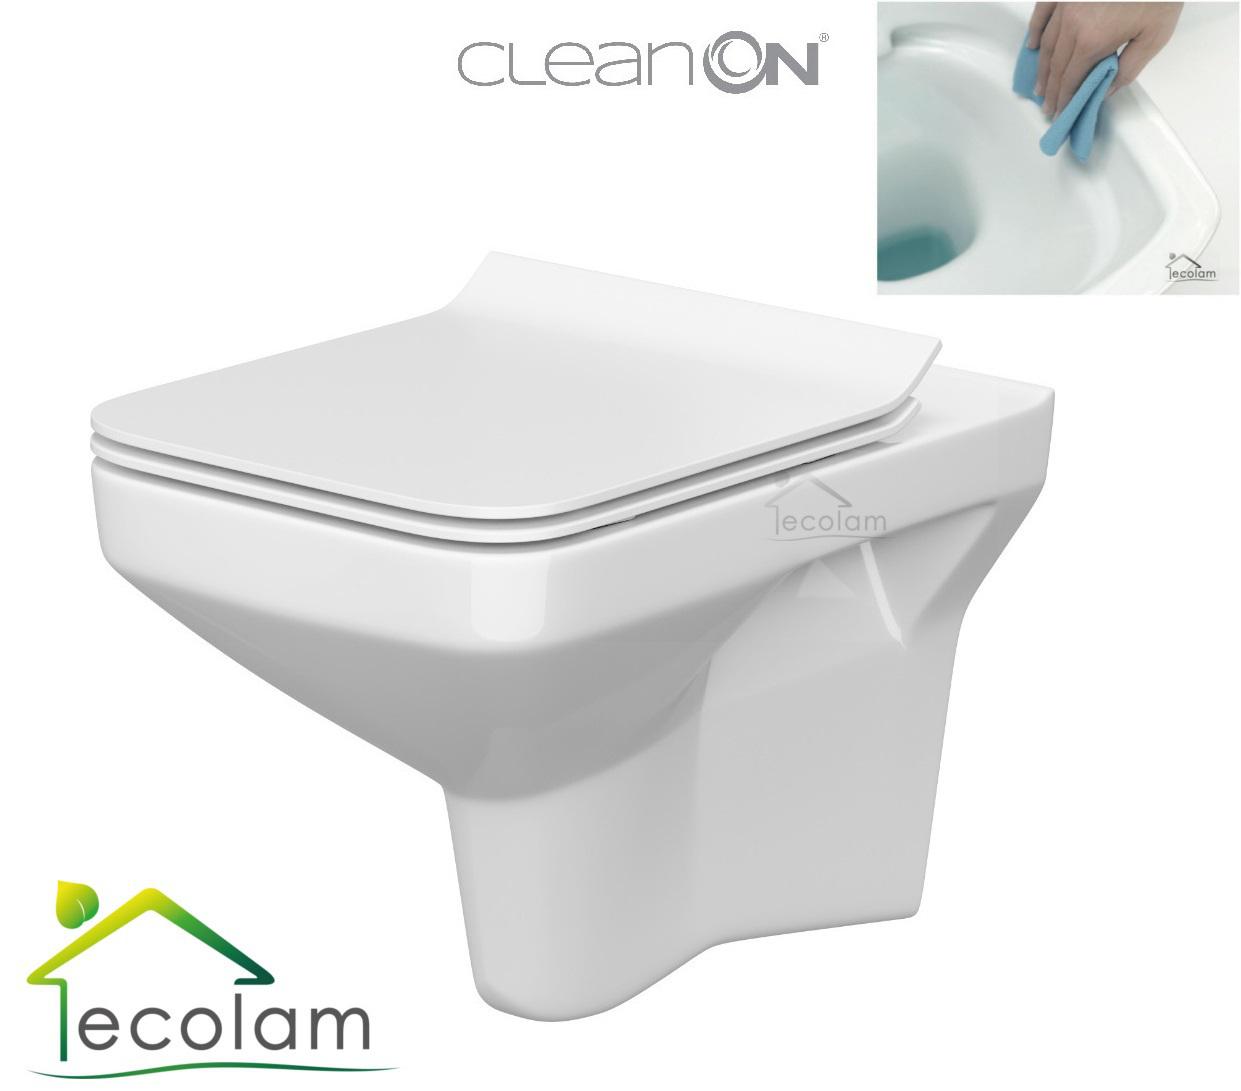 wc toilette hängend wandhängend spülrandlos clean on tiefspüler soft